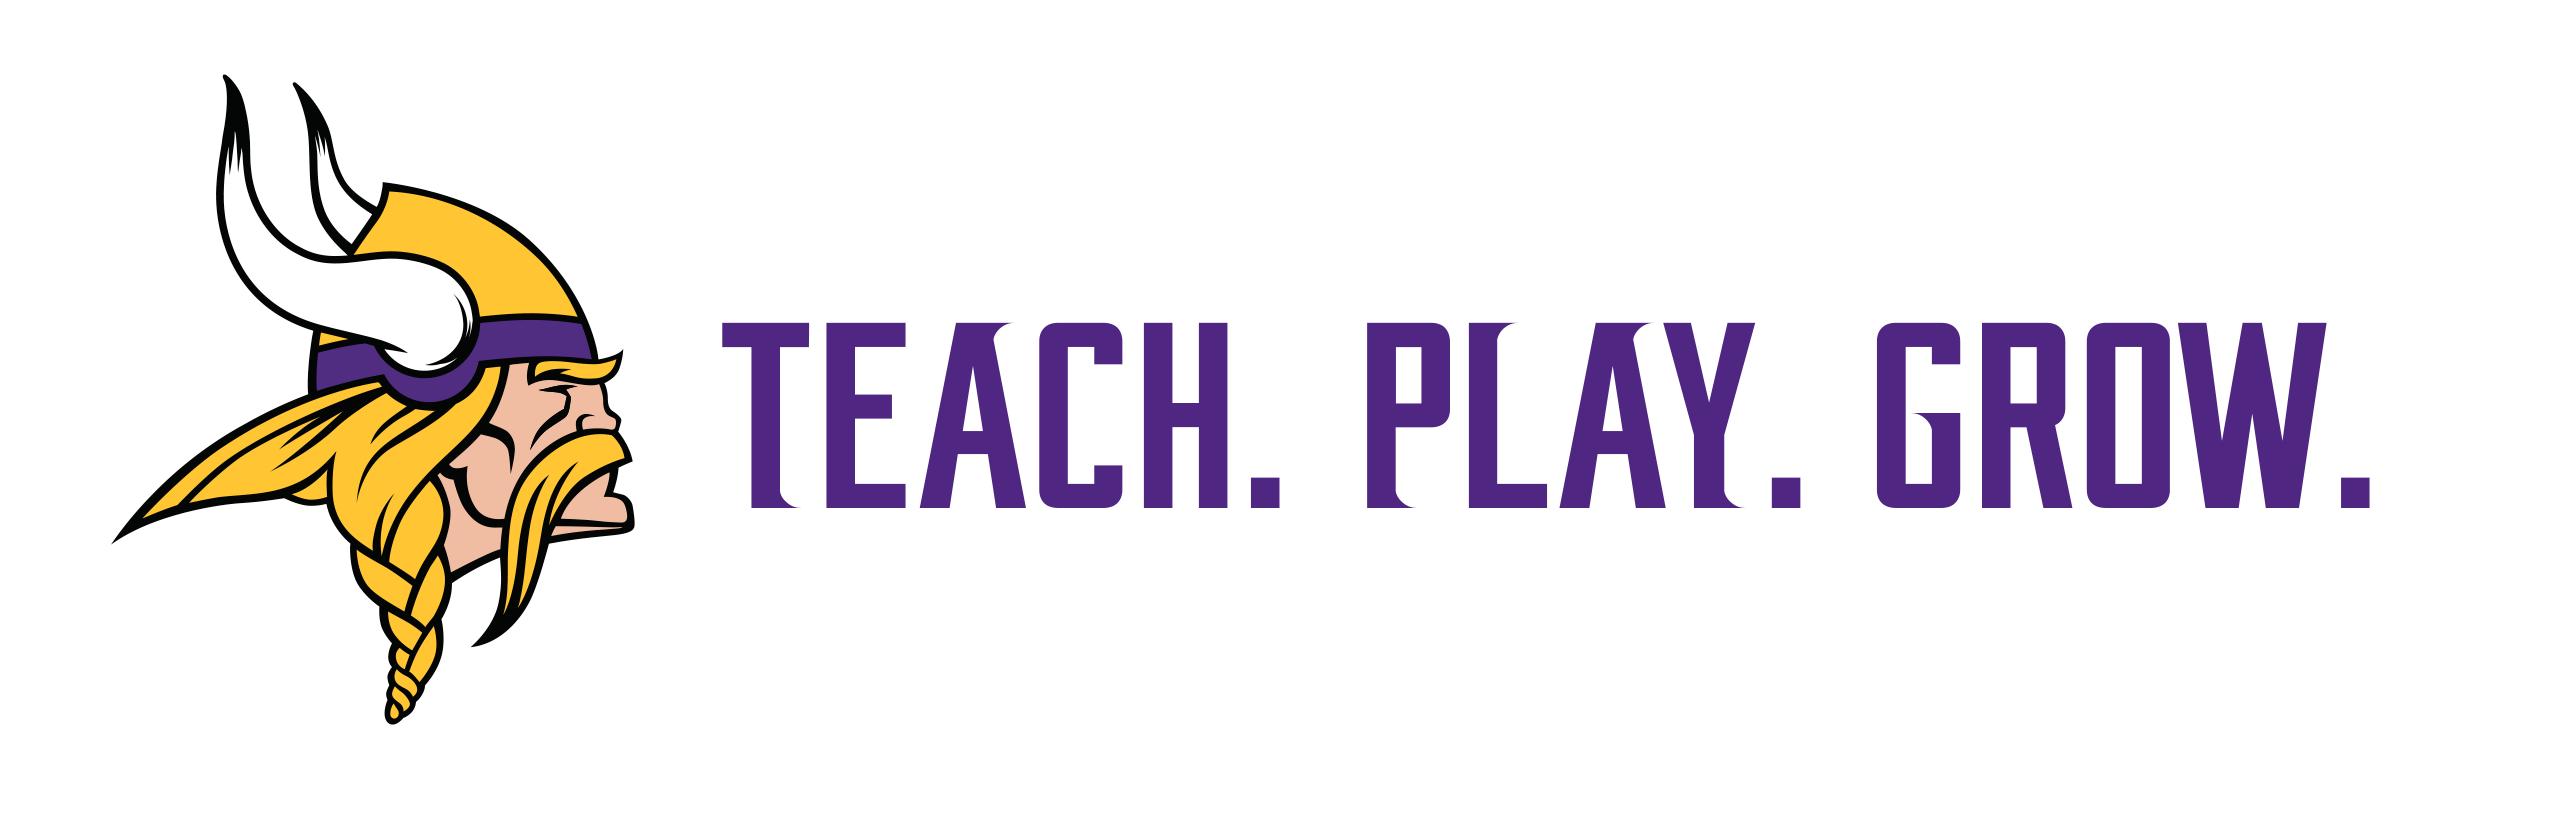 teach-play-grow